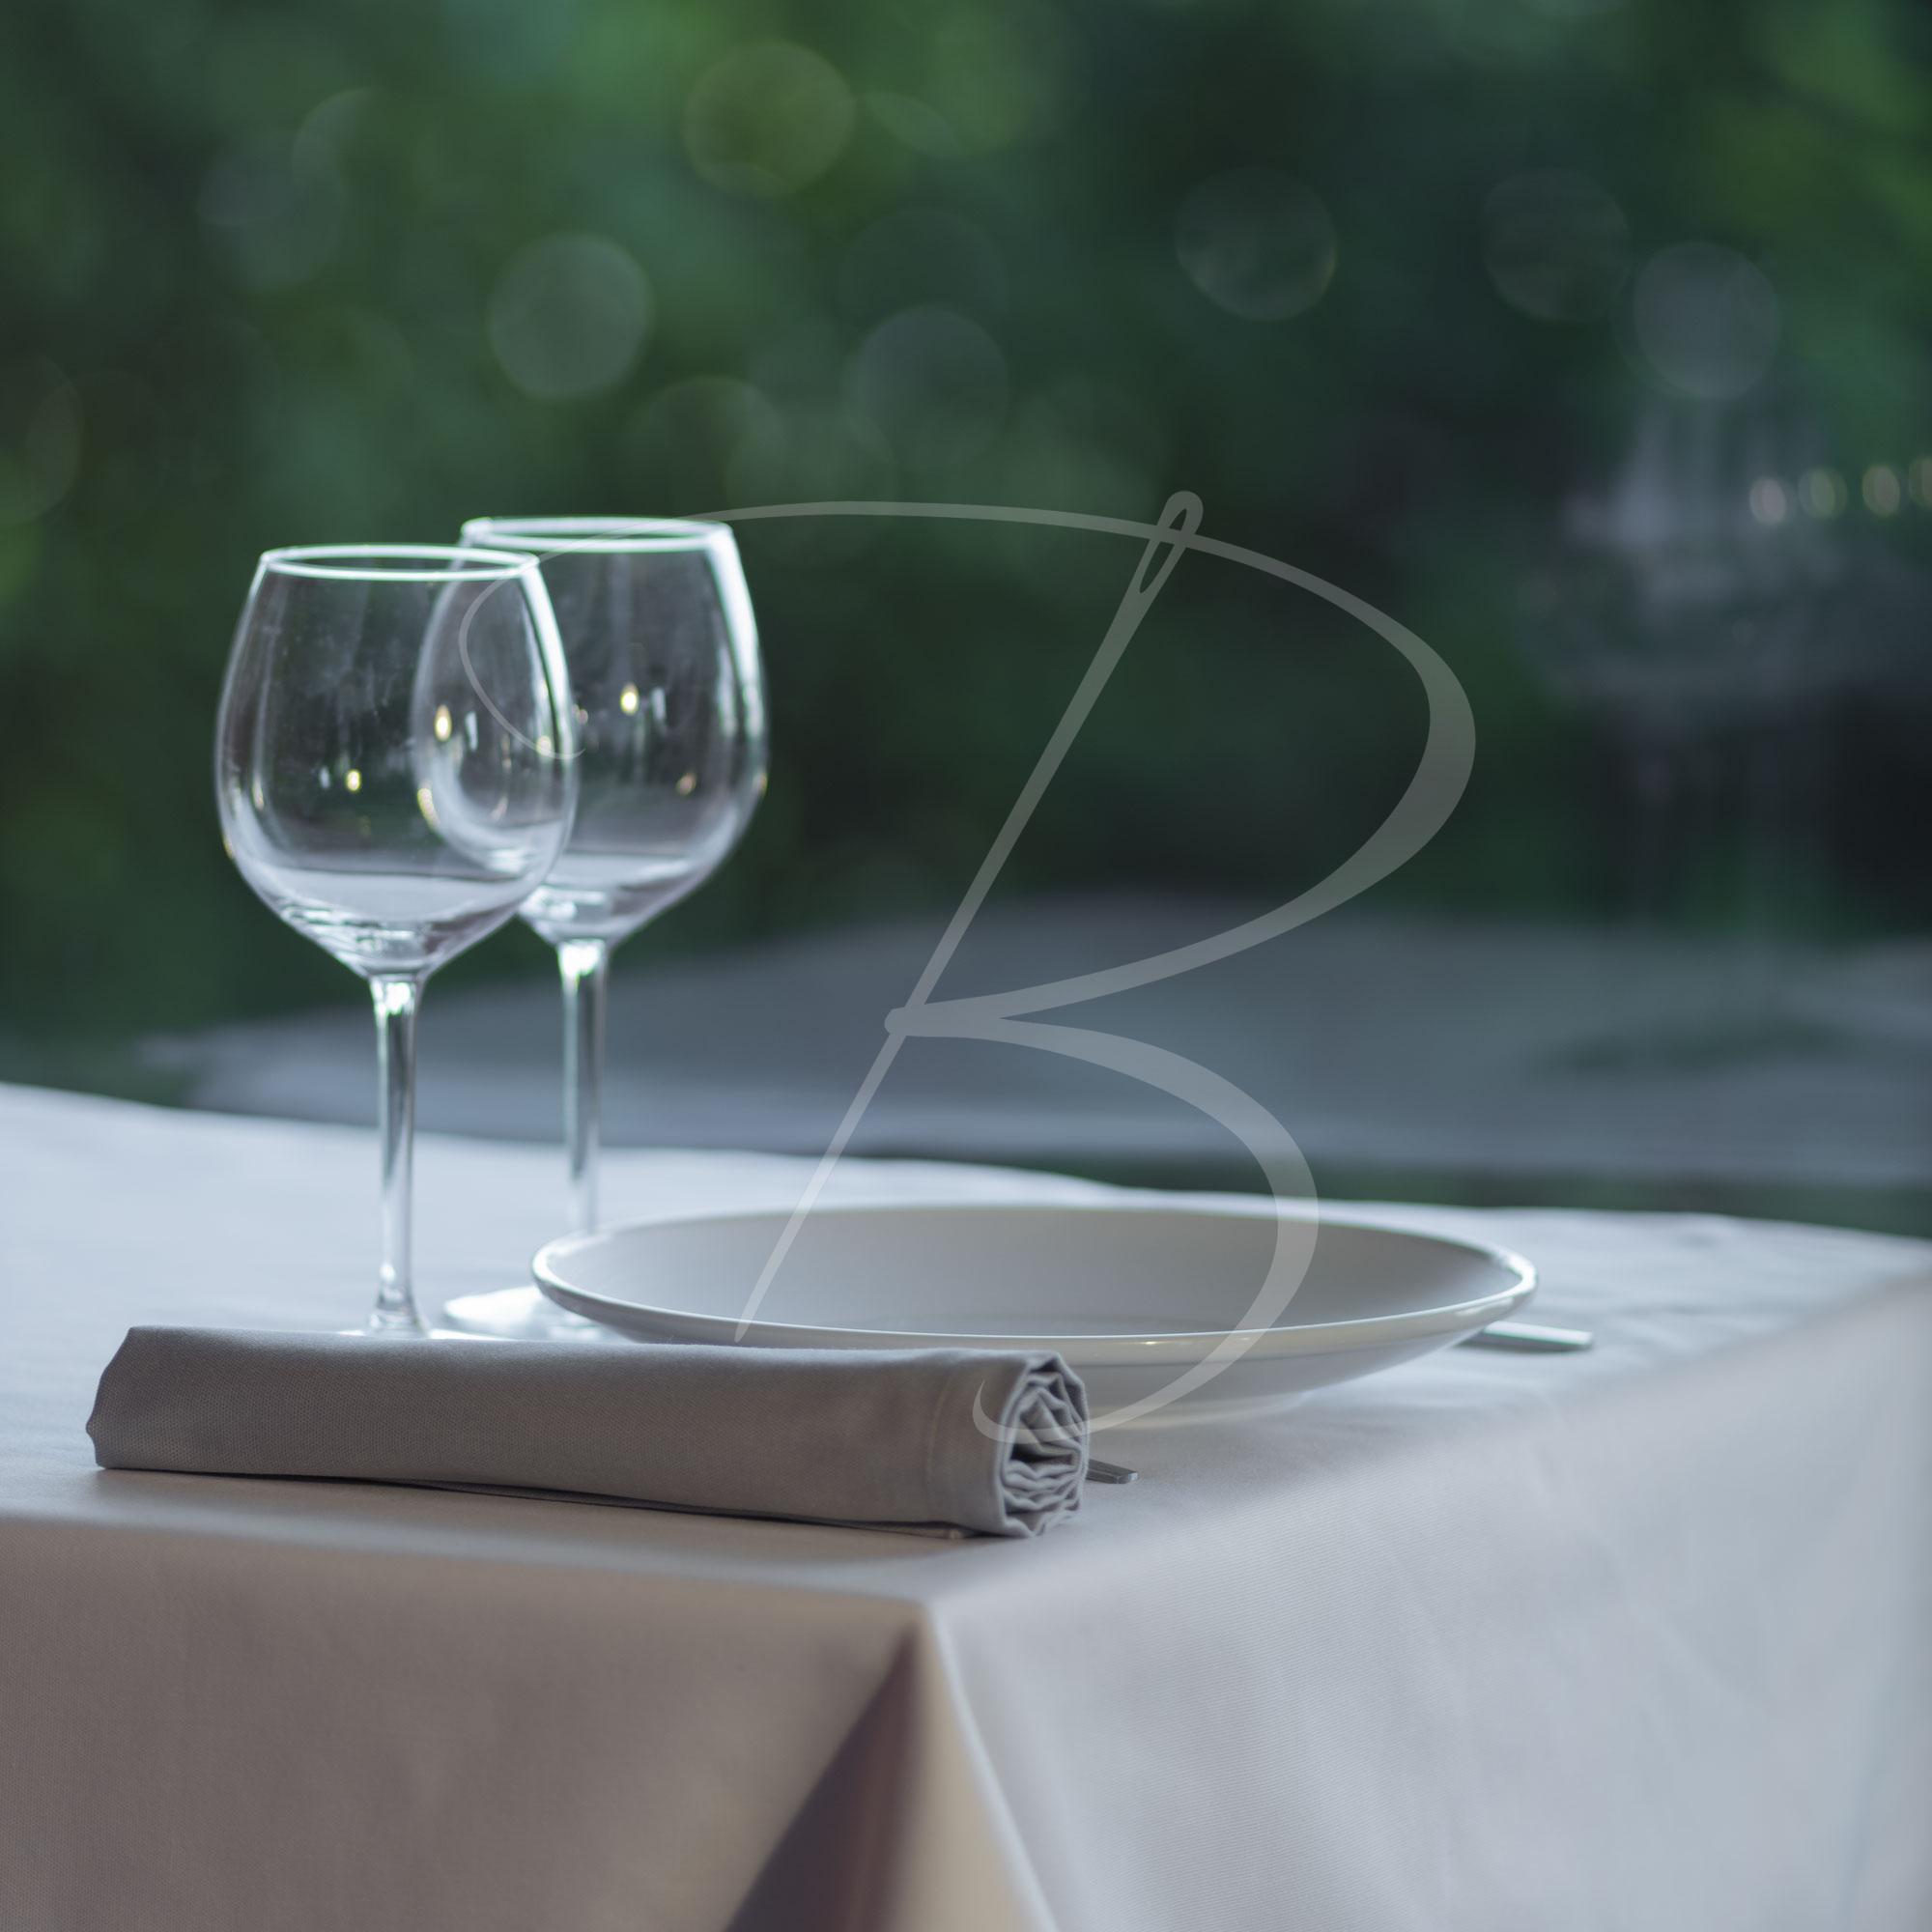 linge-table-bourgueil-uni